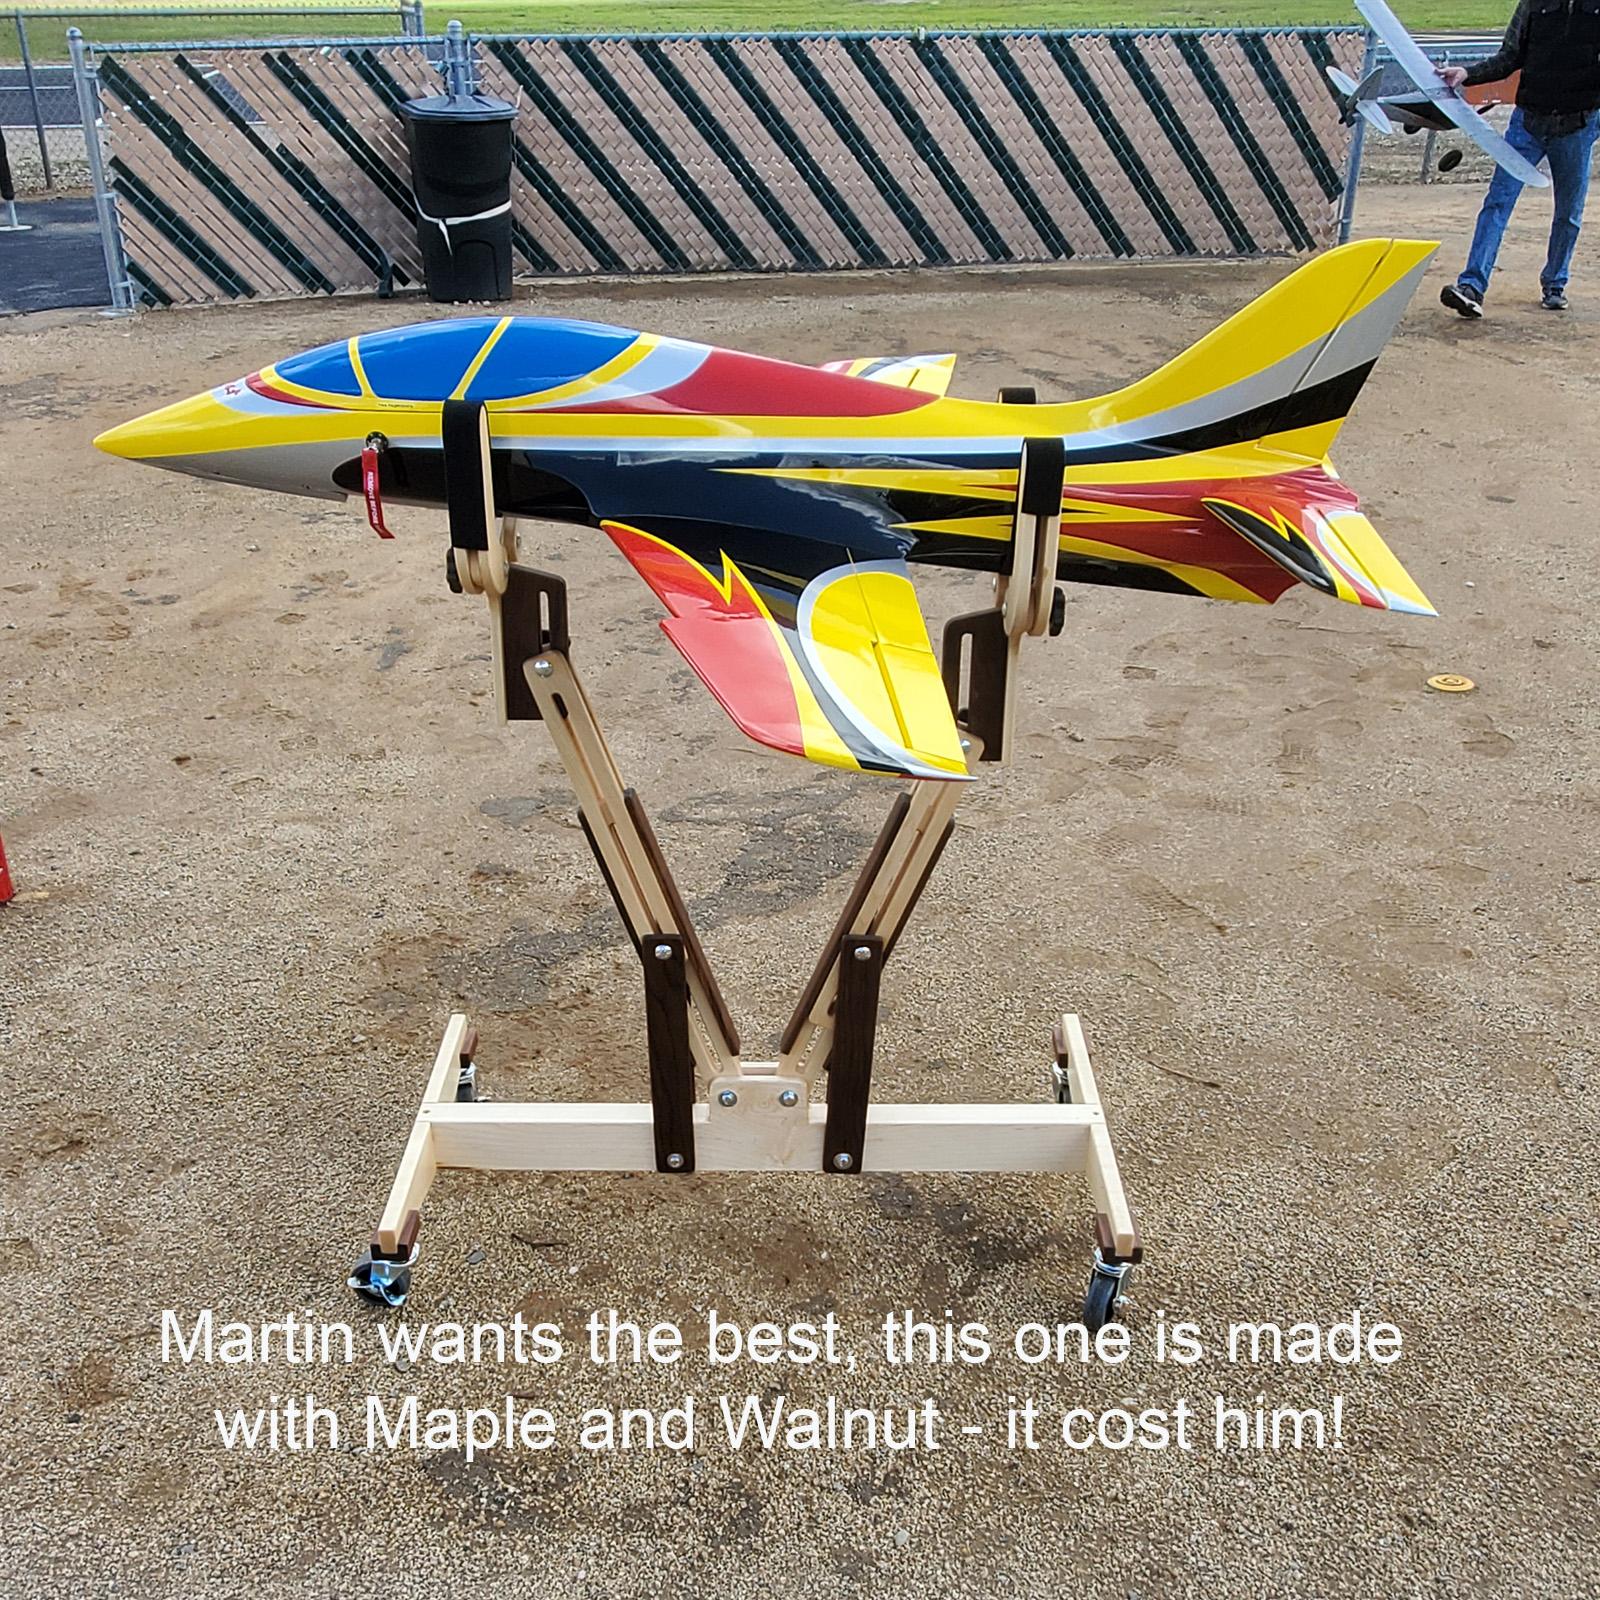 Martin's Jet.jpg